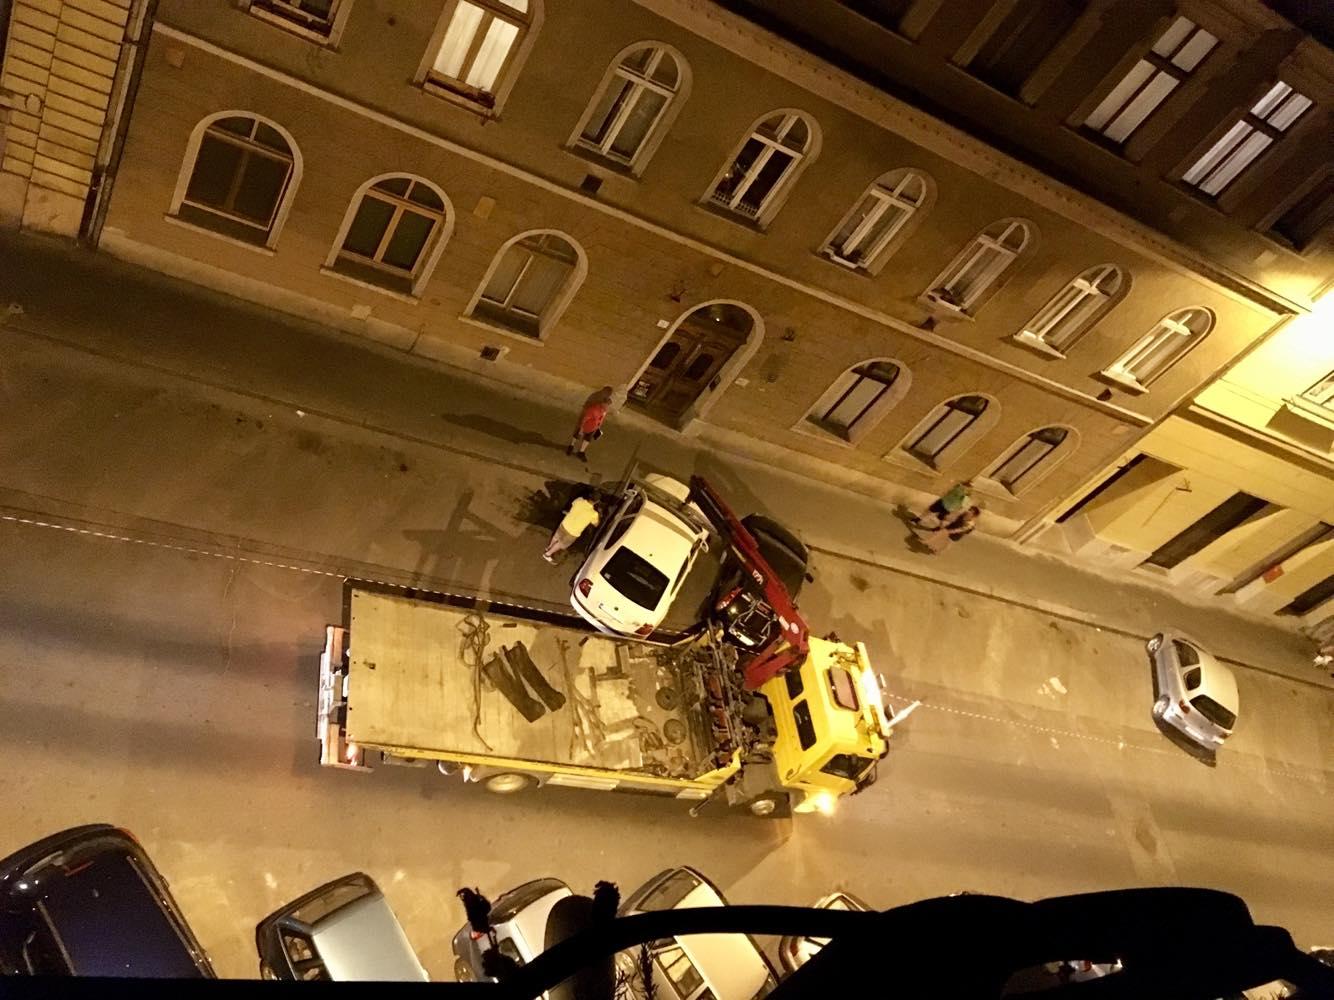 Figyelmeztetés nélkül ürítették ki a ferencvárosi utcákat, egy forgatás miatt